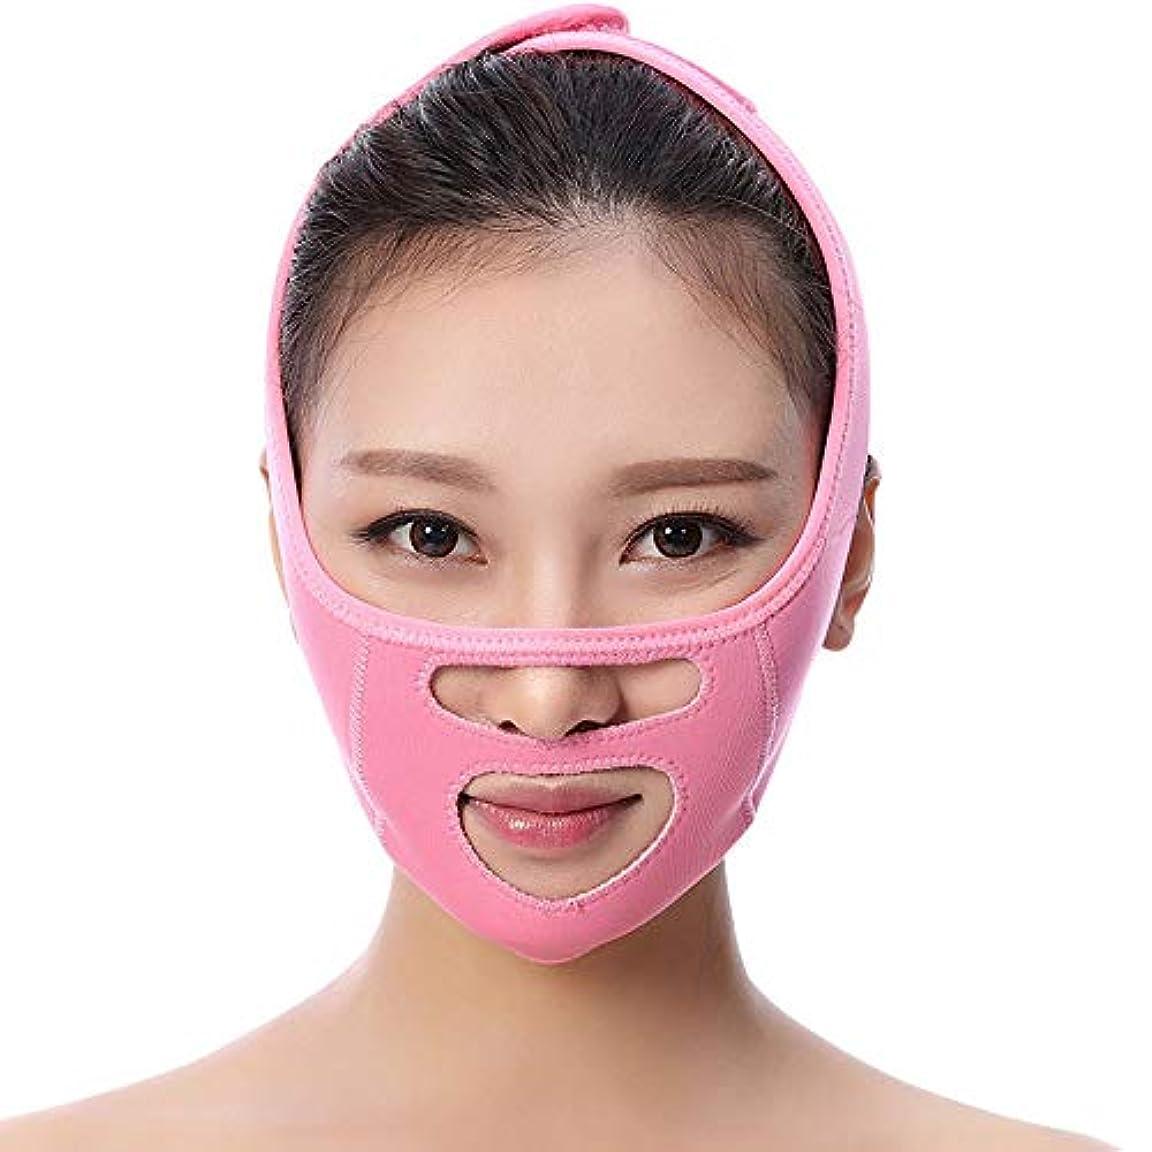 新鮮な予防接種構成するフェイスリフトマスク、薄型フェイスベルトを眠らせる/フェイスフェイスリフトアーチファクト(ブルー/ピンク)を令状にするために美容フェイスリフト包帯を強化,Pink